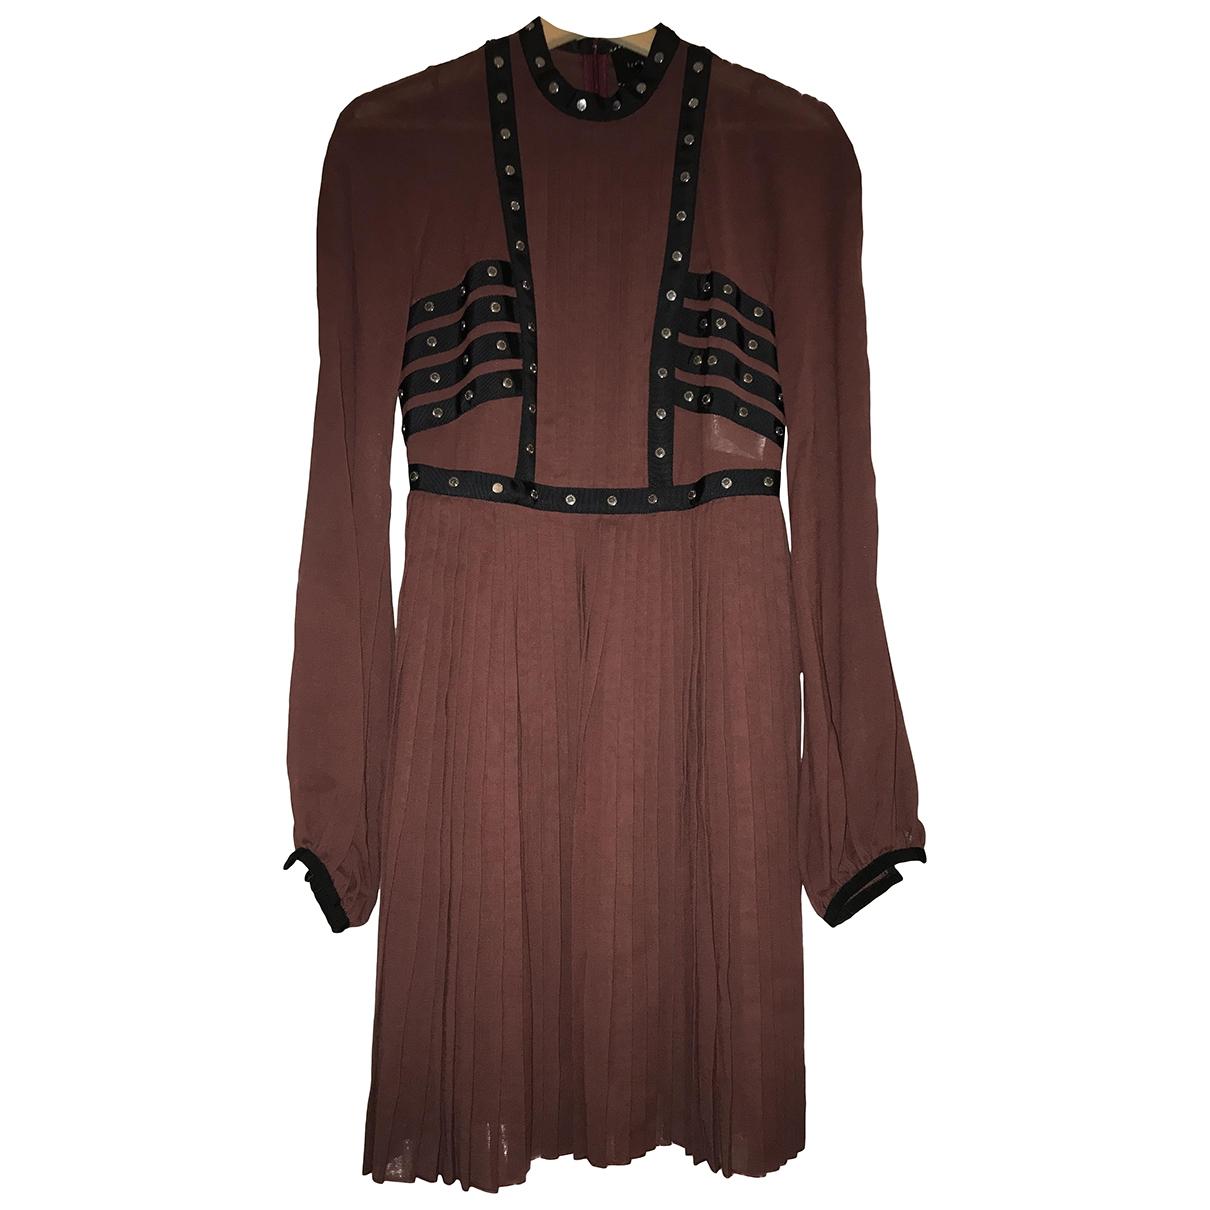 Longchamp \N Burgundy dress for Women 36 FR